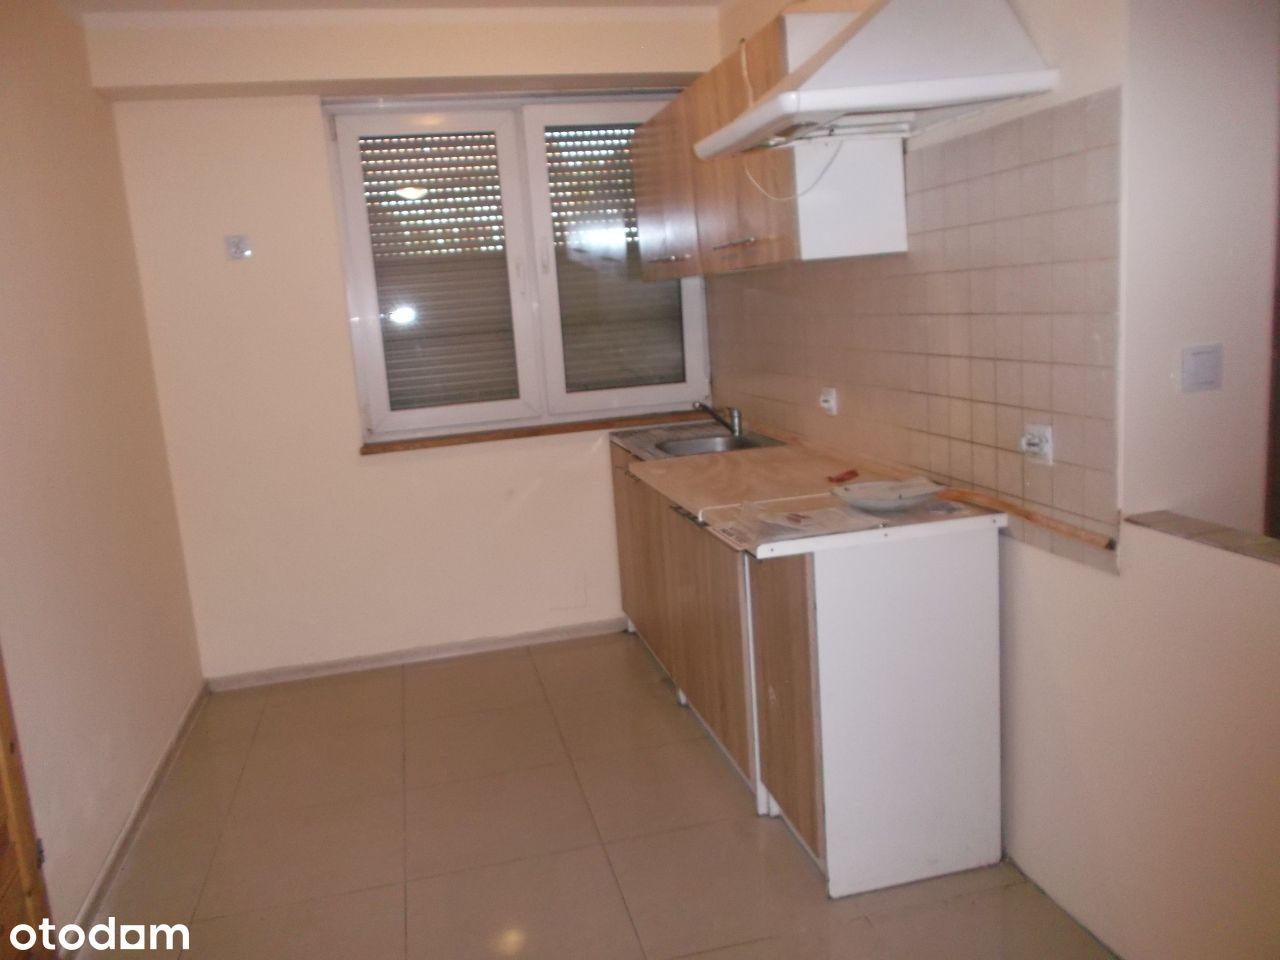 Dom, - mieszkanie, hotel pracowniczy, - hostel